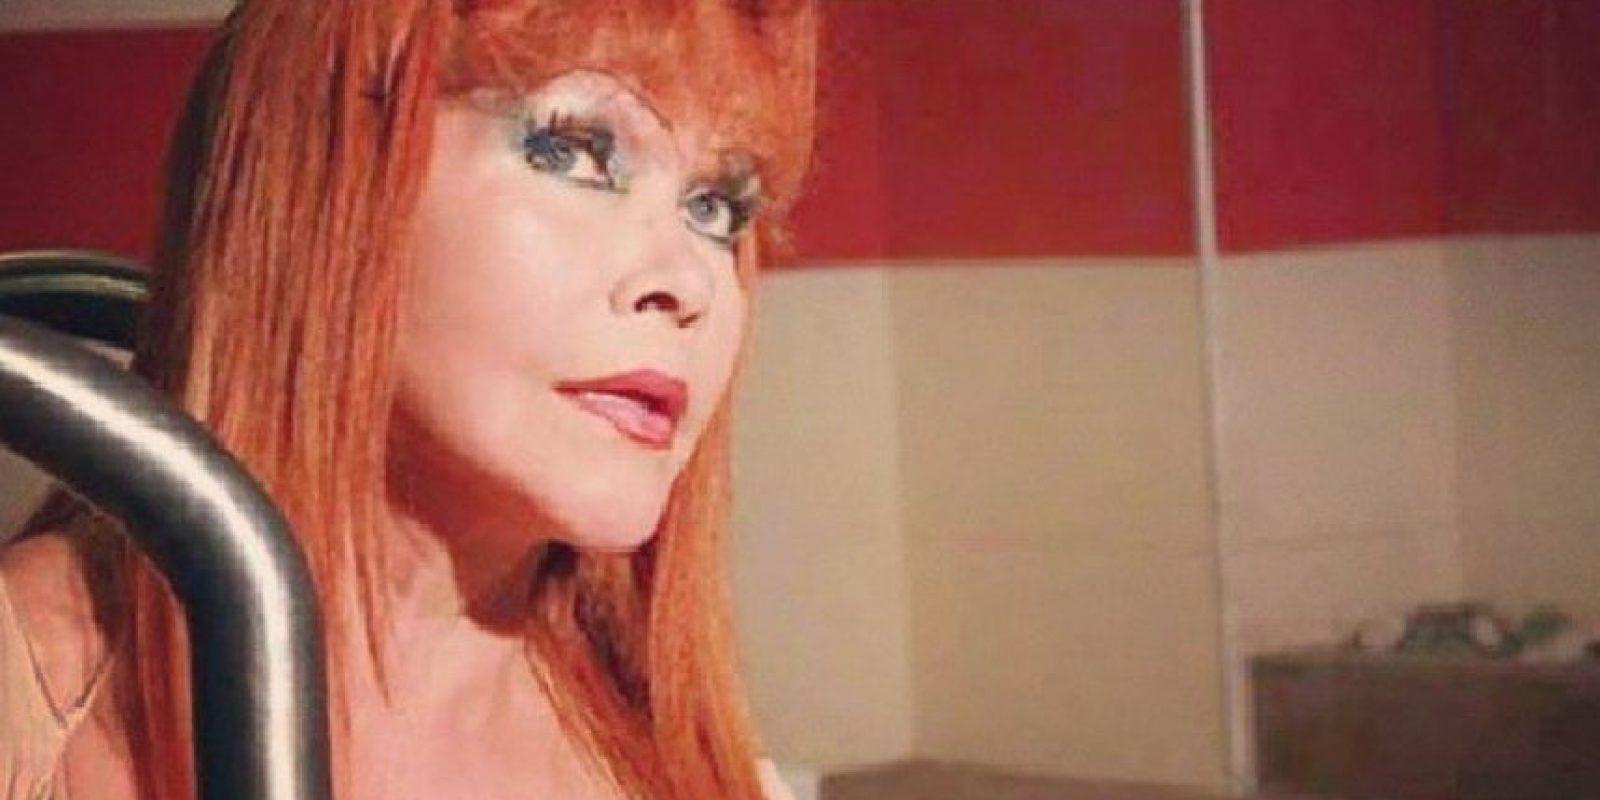 Llegó a conocer a personalidades como Celia Cruz Foto:Tigresa del Oriente/Facebook. Imagen Por: